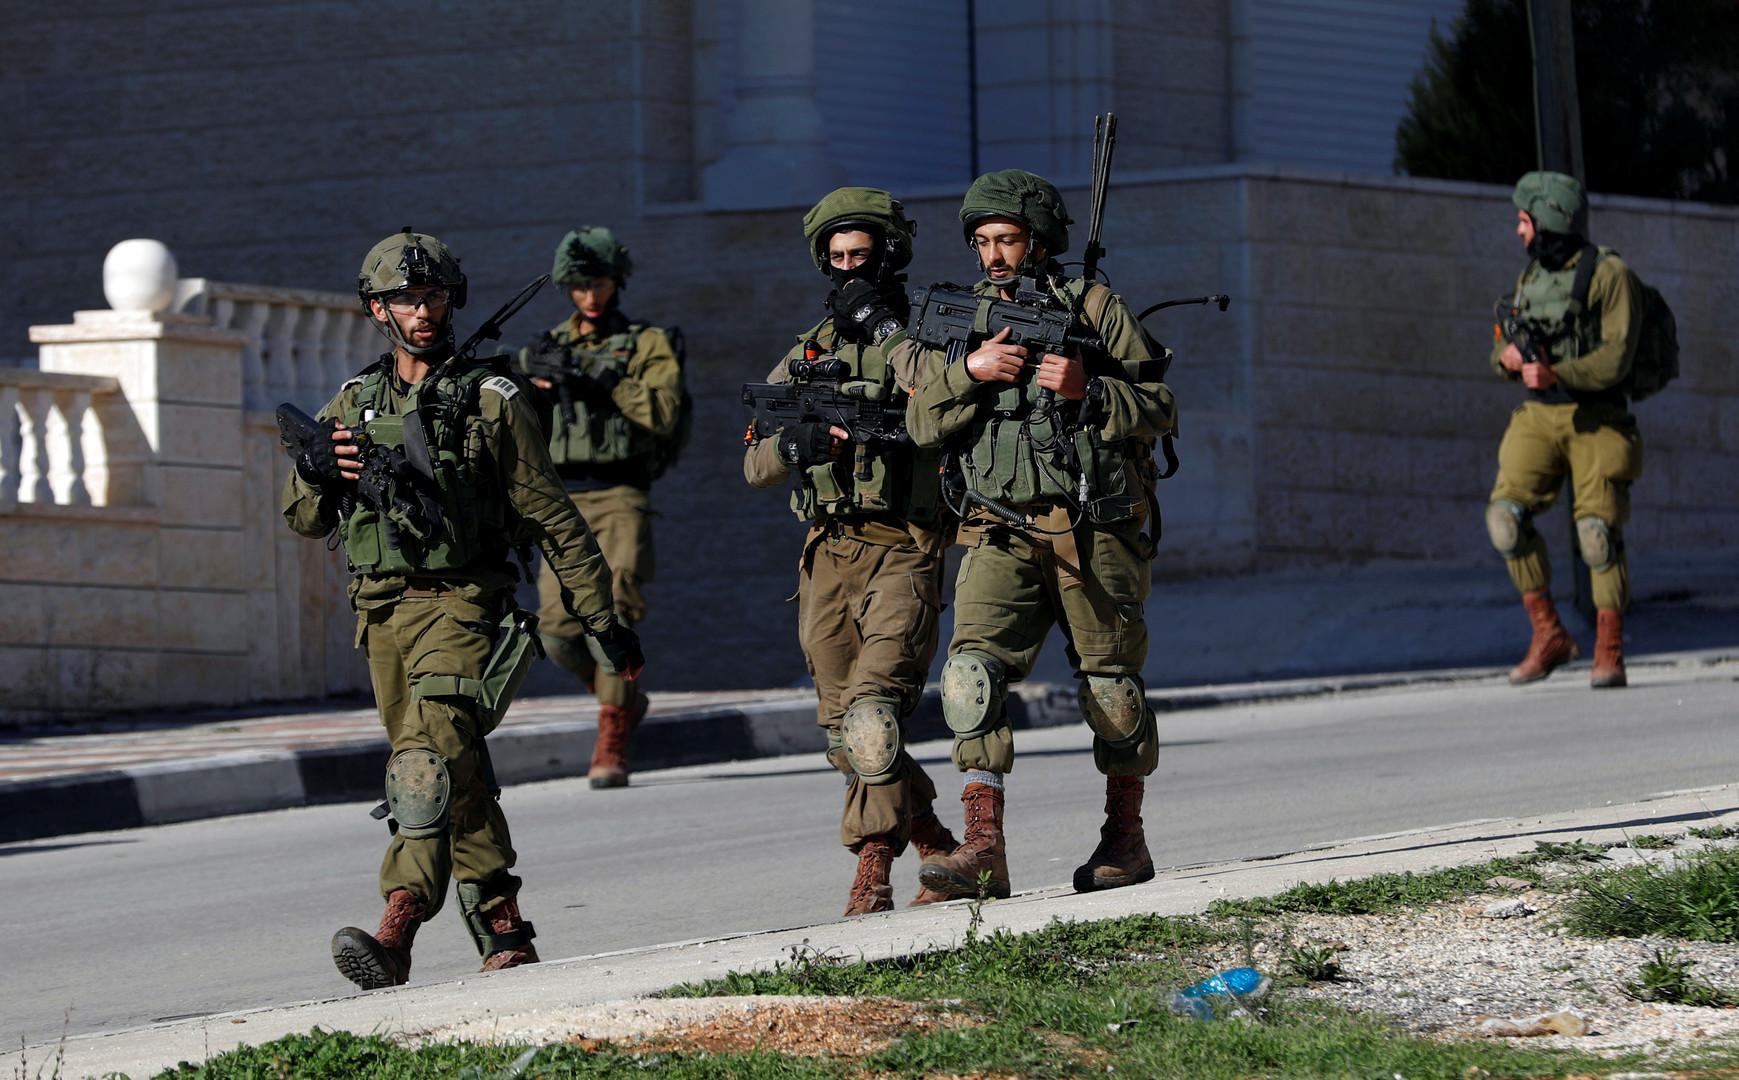 إسرائيل تعتقل فلسطينيين على خلفية تفجير عبوة ناسفة غرب رام الله